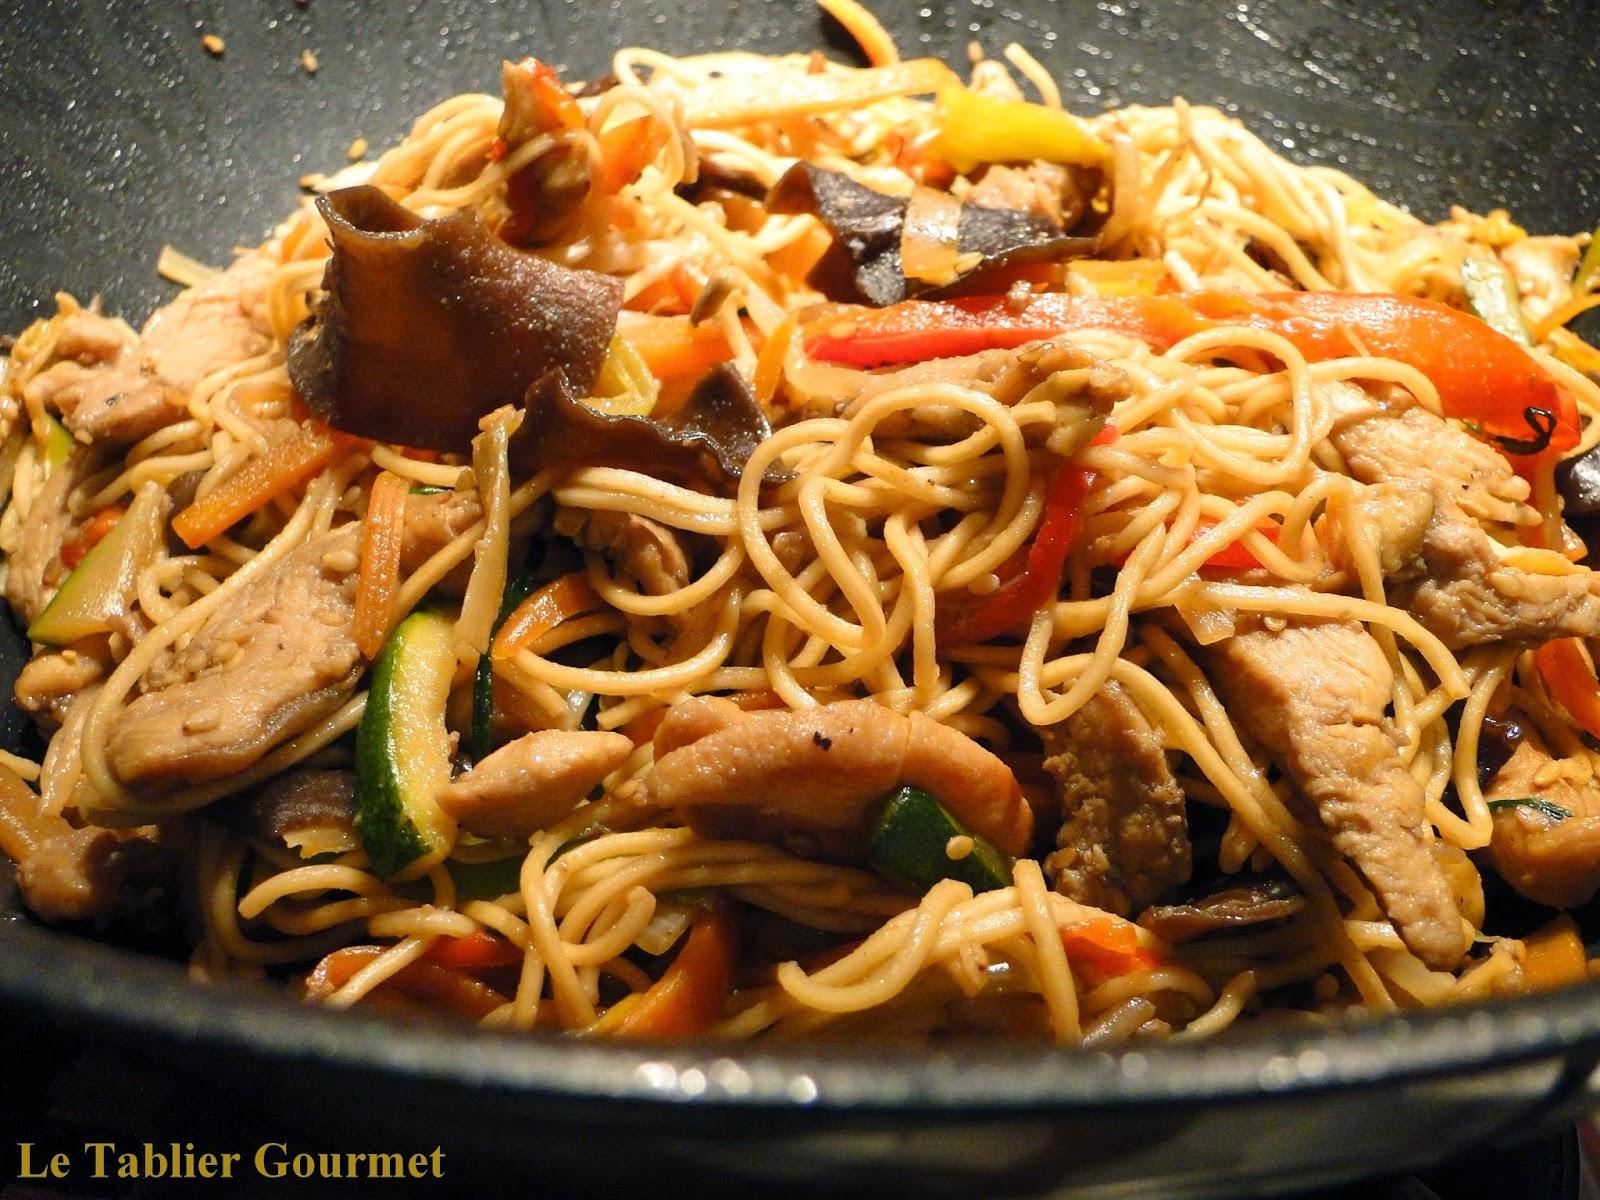 Les nouilles sautées asiatiques aux légumes